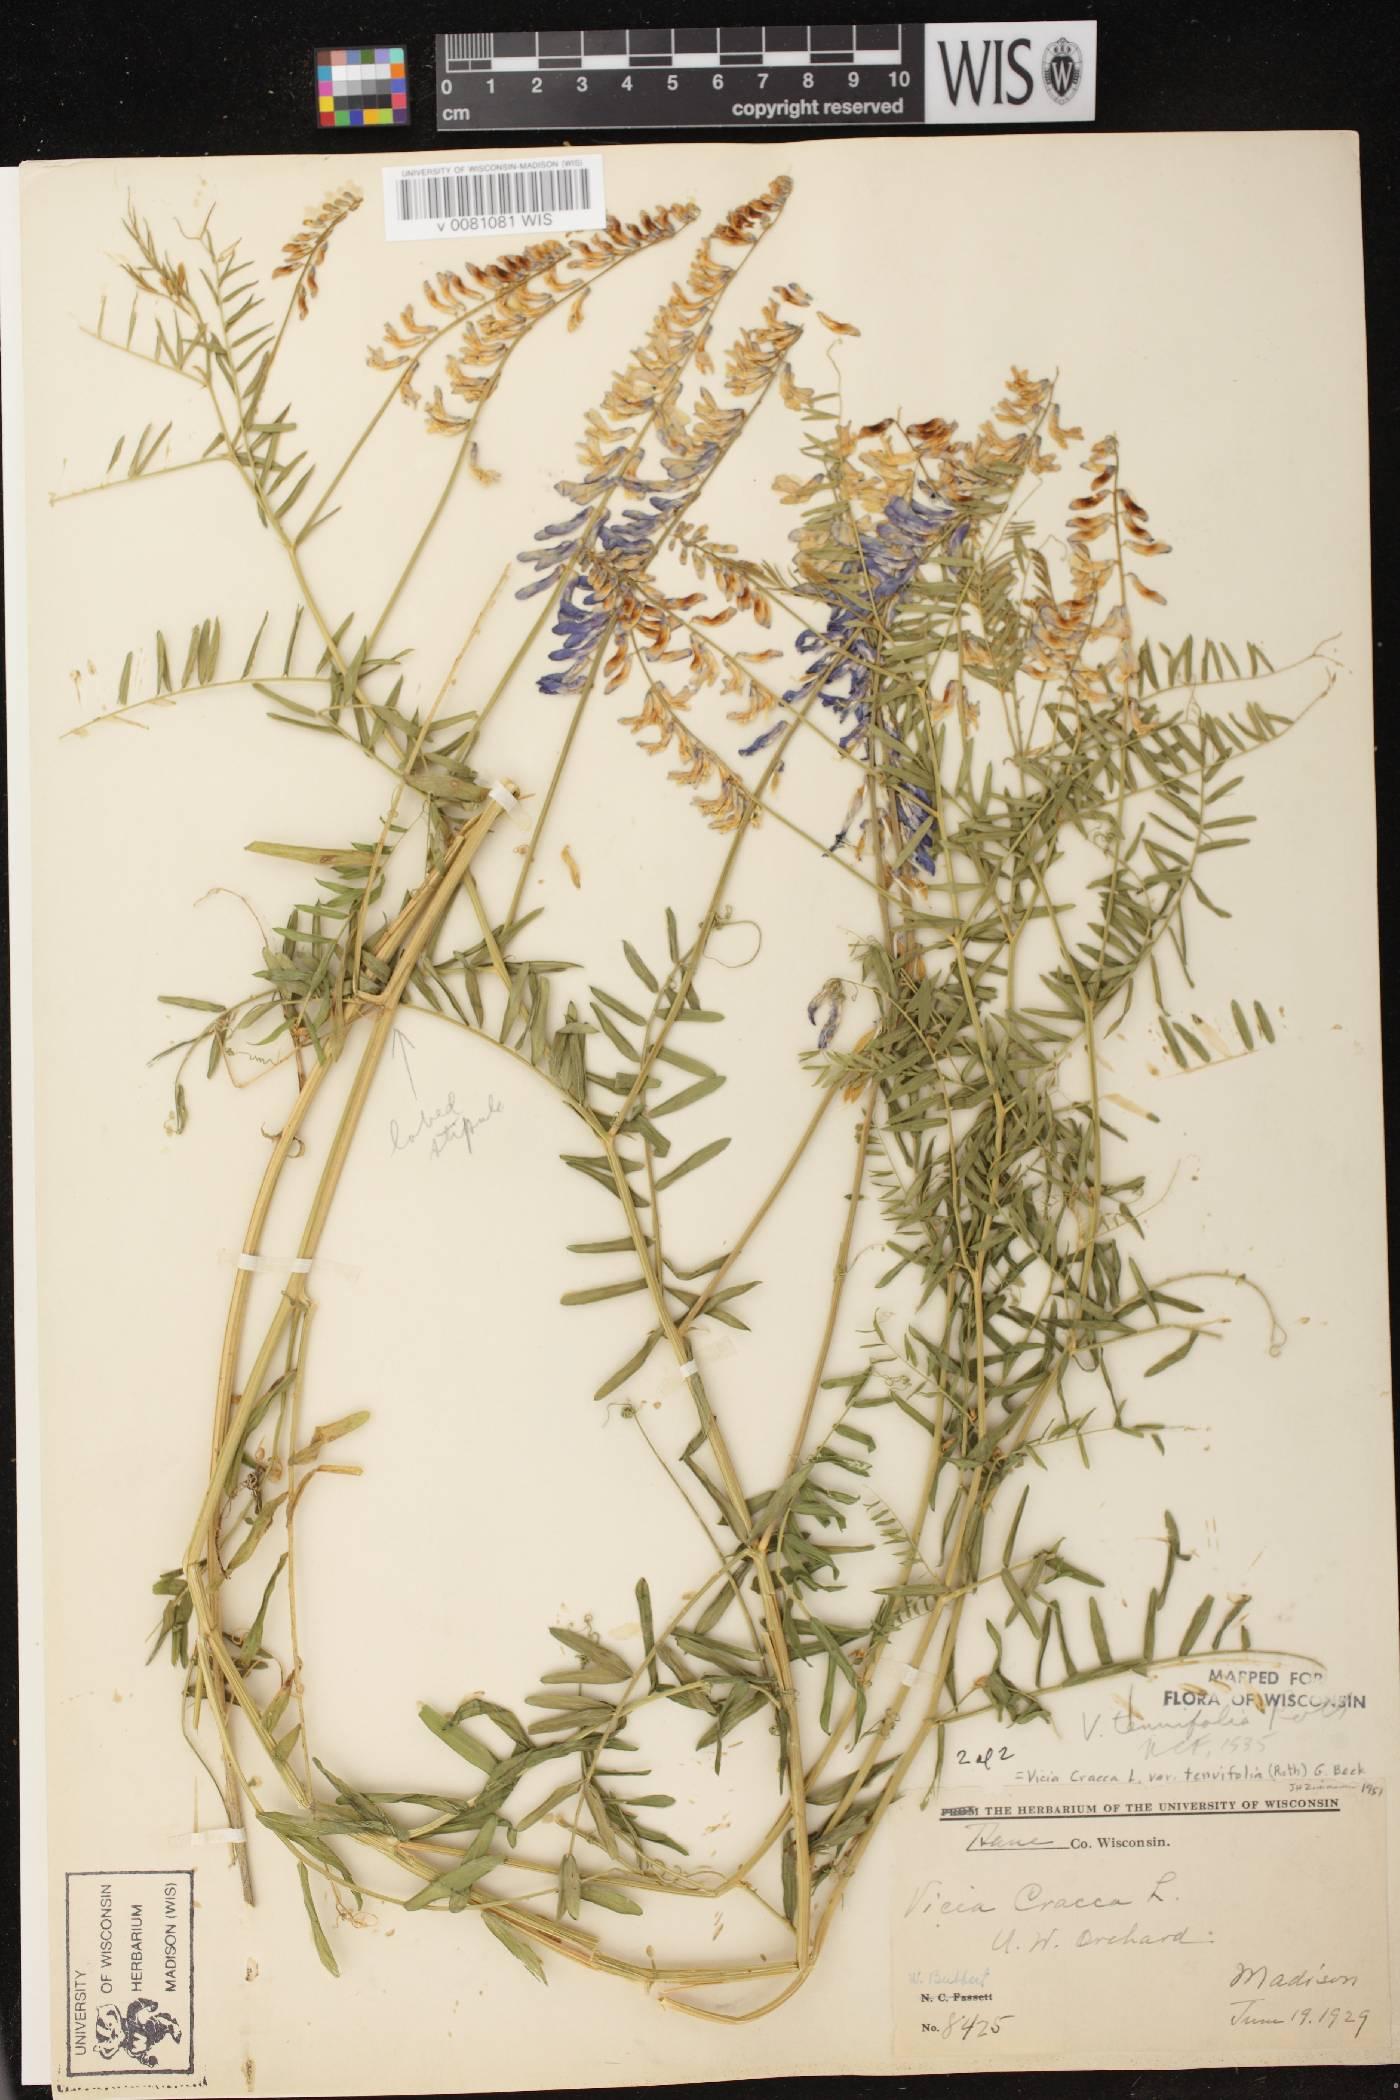 Vicia cracca subsp. tenuifolia image